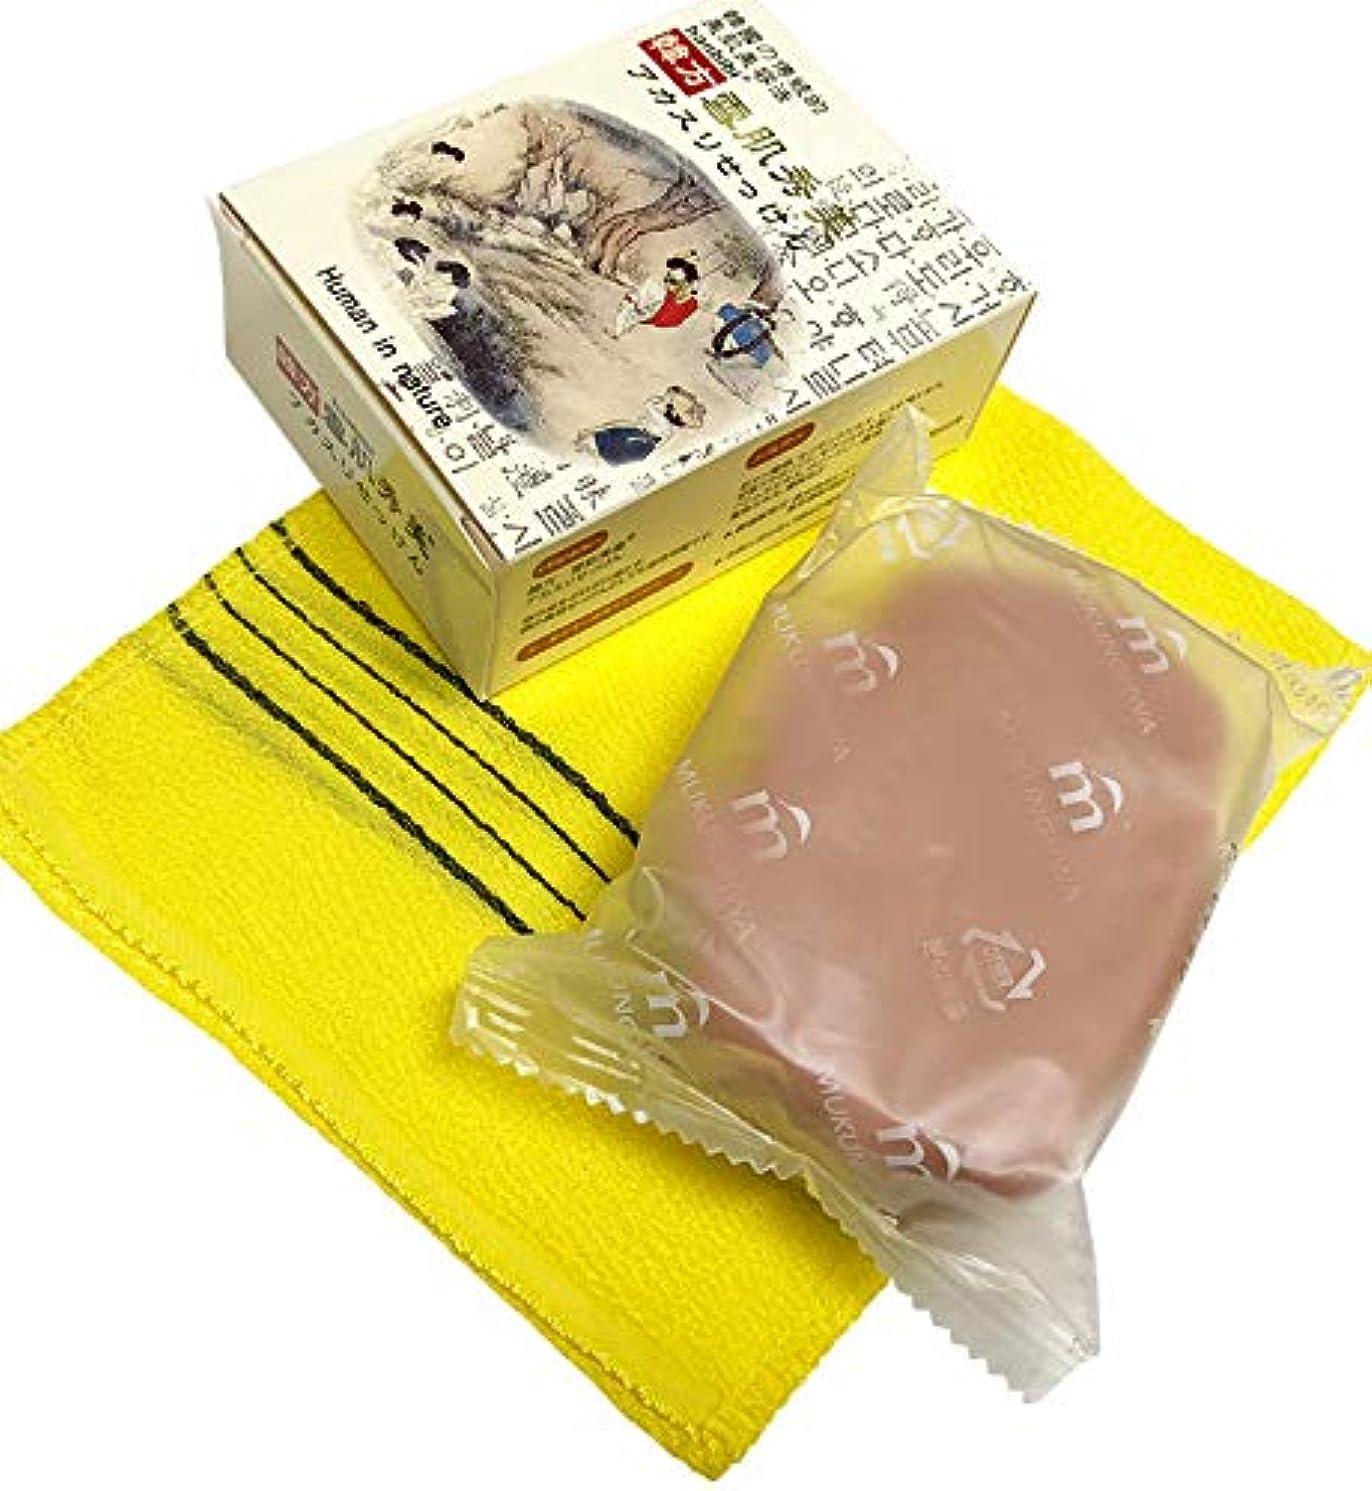 食物治療緊張する人気の顔、体兼用、蜂蜜香りの韓方石ケン、韓国コスメ 韓方[雪肌美]蜂蜜アカスリせっけん アカスリ専用タオル付き